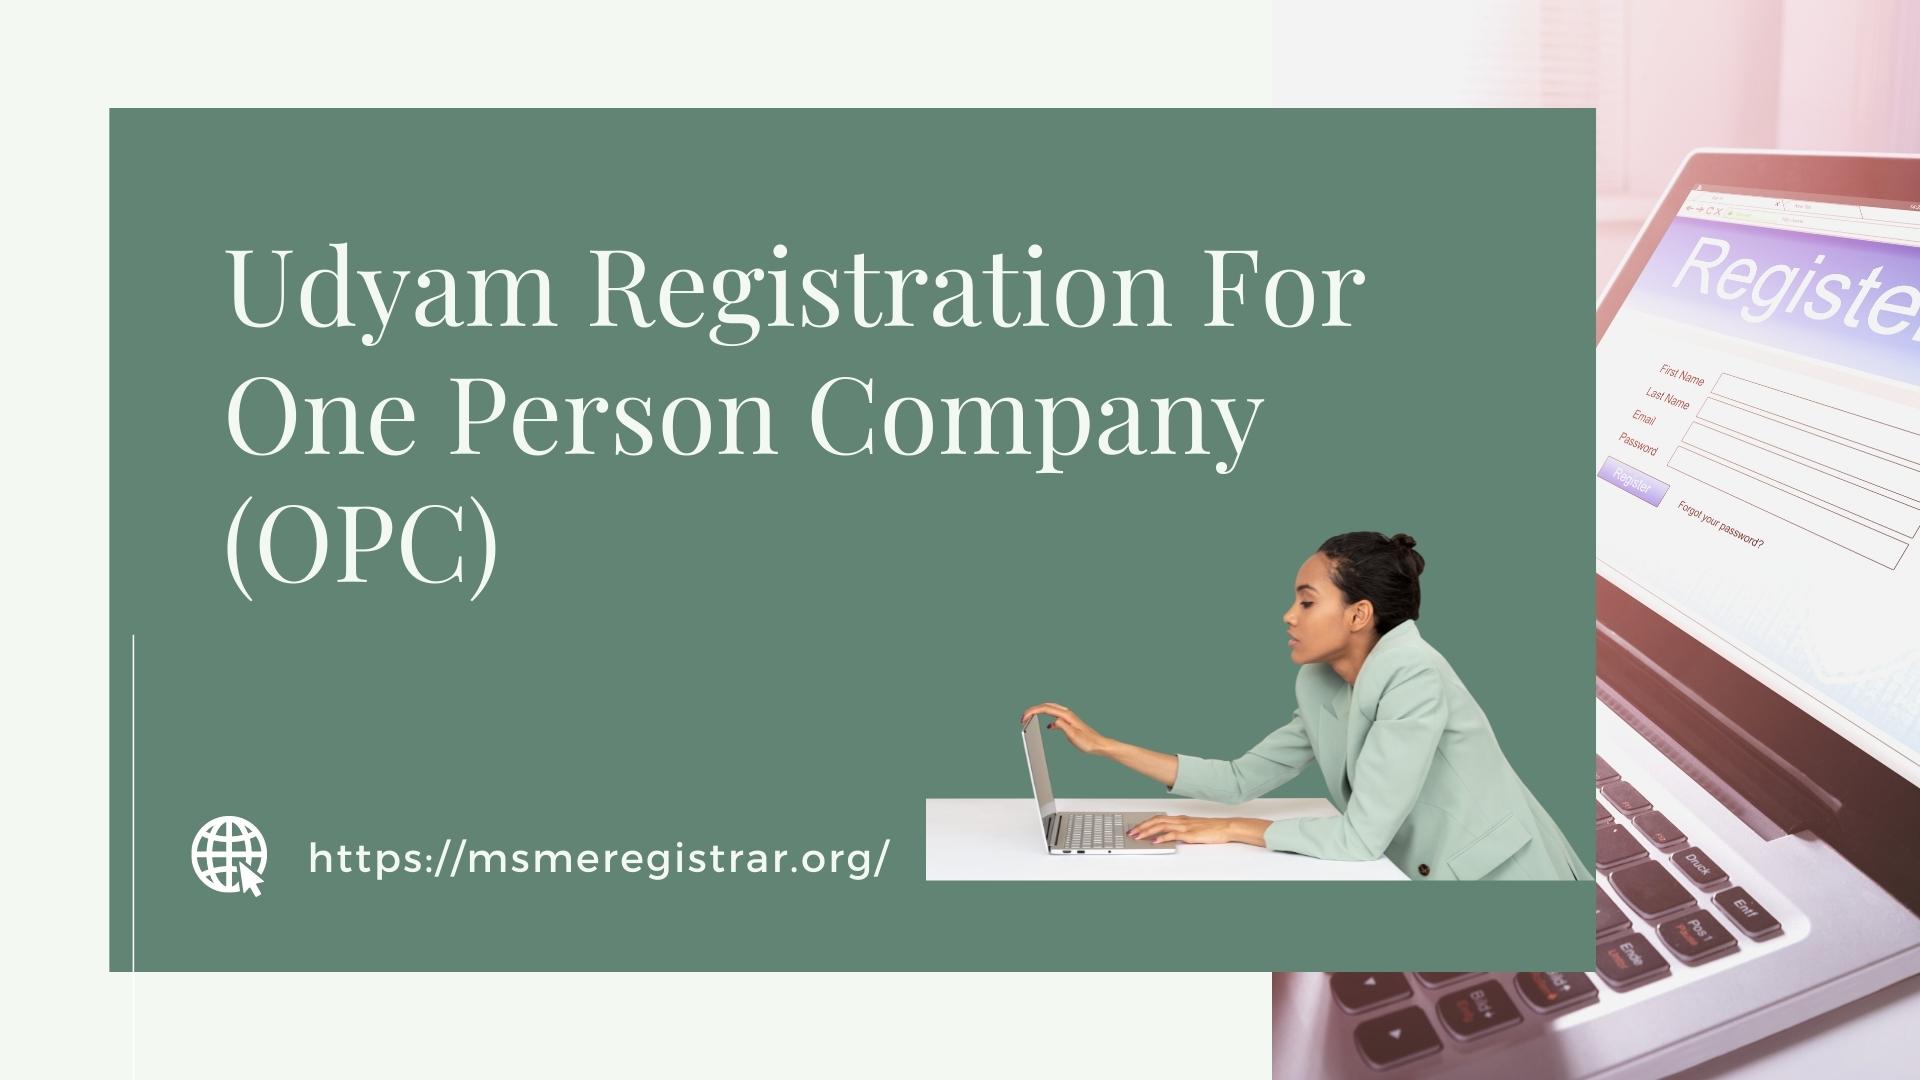 MSME Registrar